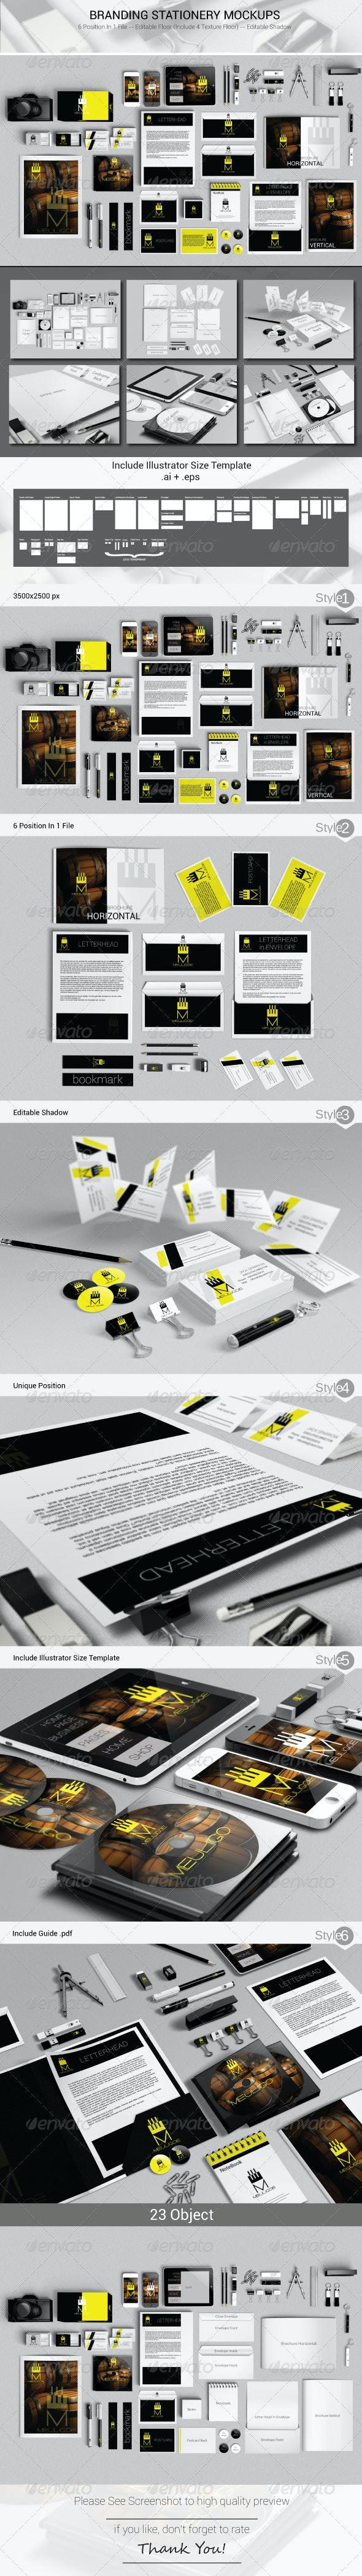 Branding Stationery Mockups - Stationery Print